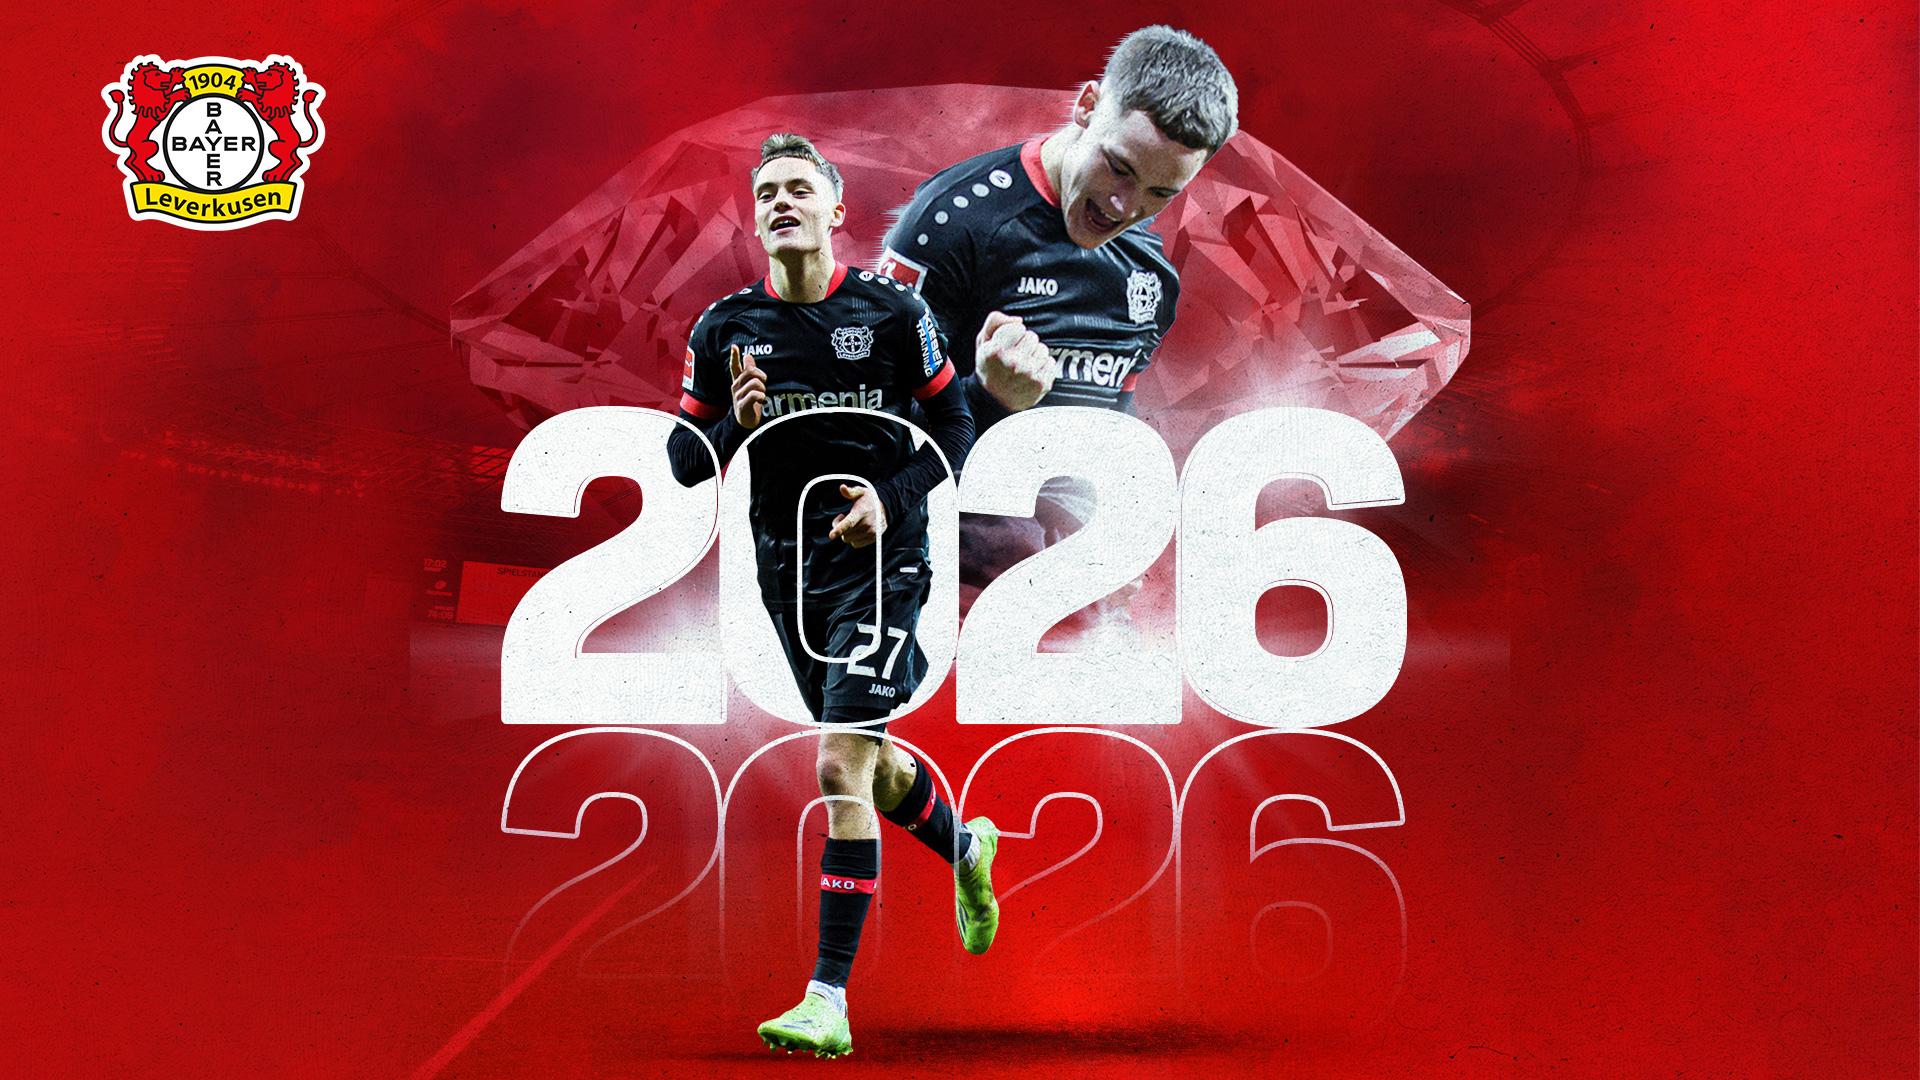 生日礼物!官方:勒沃库森与维尔茨续约到2026年